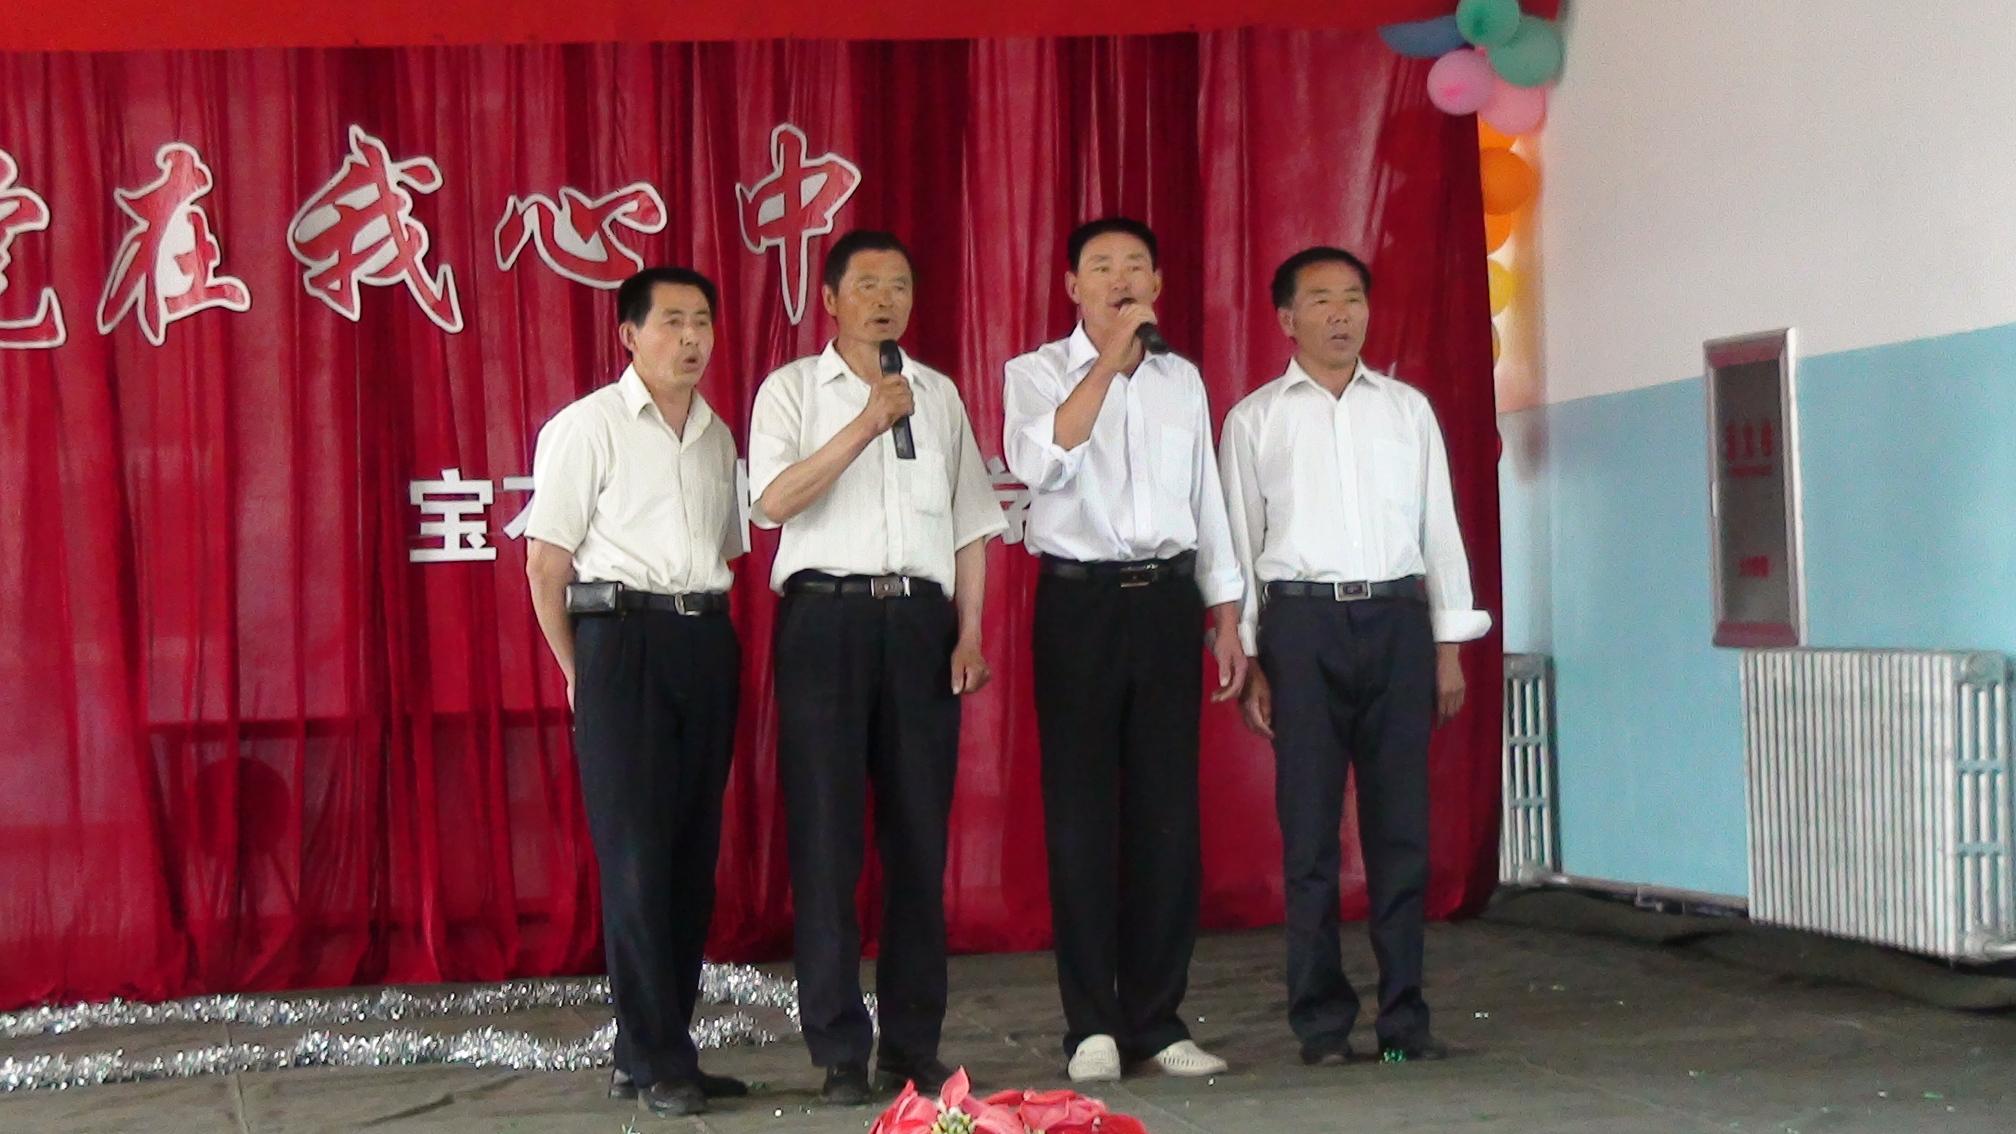 内蒙古兴安盟突泉县宝石镇中心小学红歌会